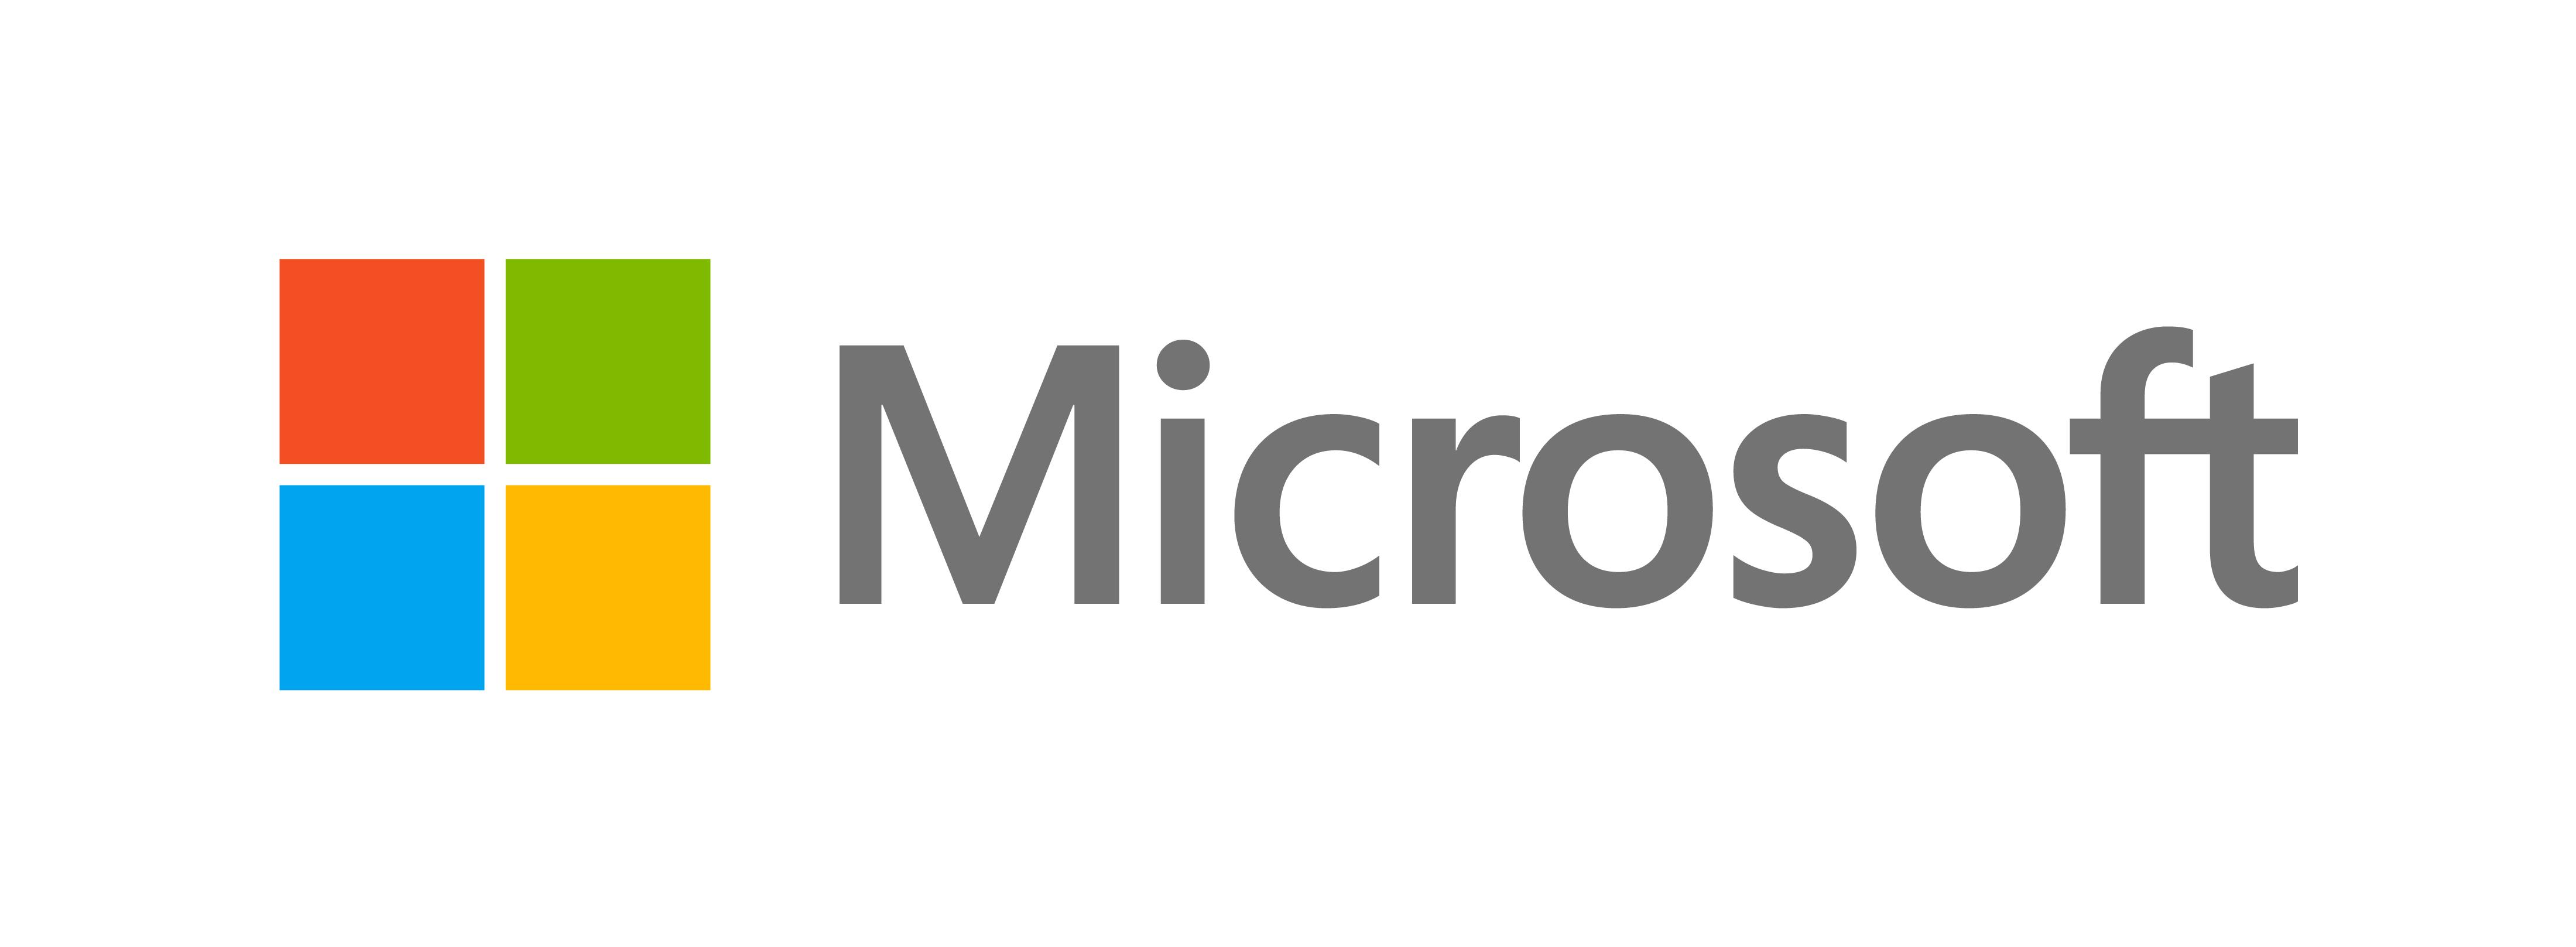 Microsoft aumenta la tasa de carbono a la vez que anuncia su compromiso de duplicar la sostenibilidad